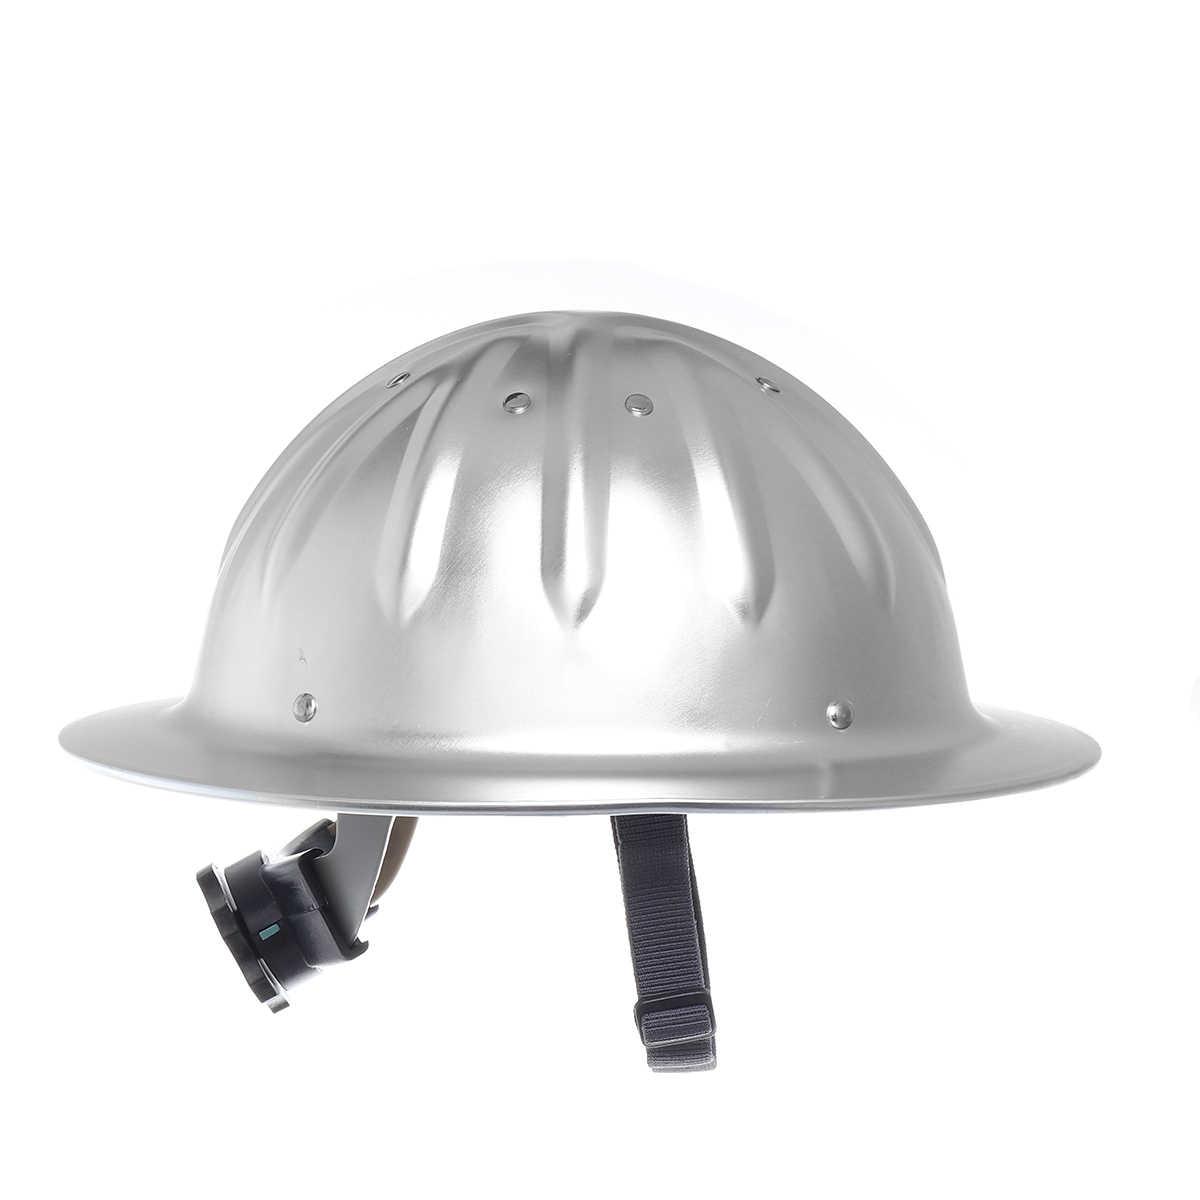 Alluminio Ad Alta Resistenza Leggero Pieno Tesa Cappello Duro Casco di Sicurezza per La Costruzione Metallurgia Ferroviaria Miniera di Costruzione Navale